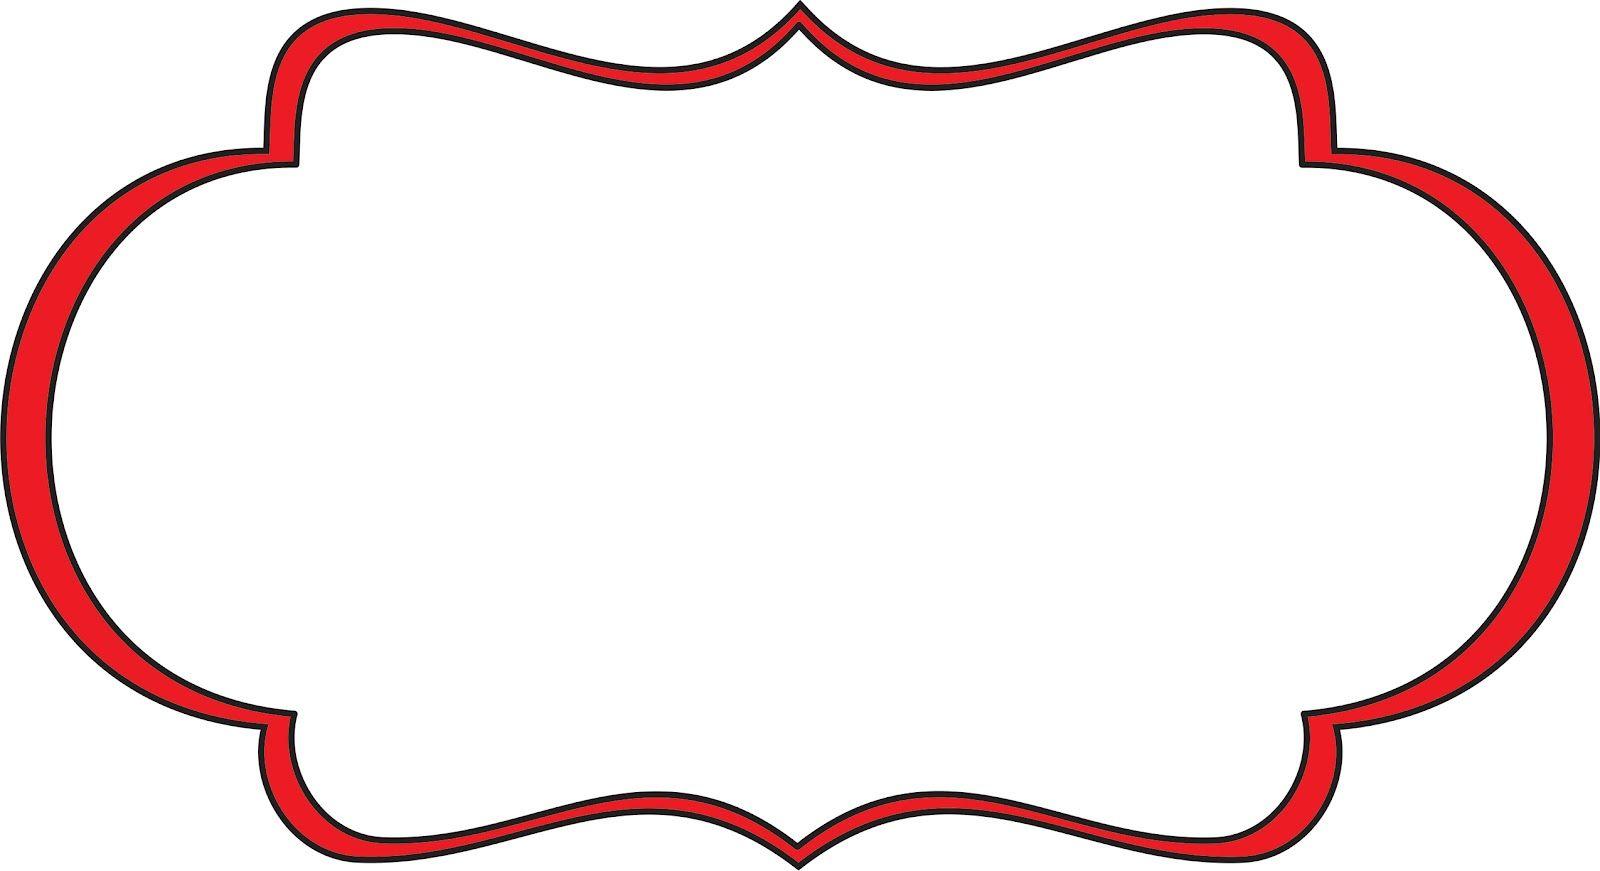 border clipart border clip art images clipartner com [ 1600 x 871 Pixel ]